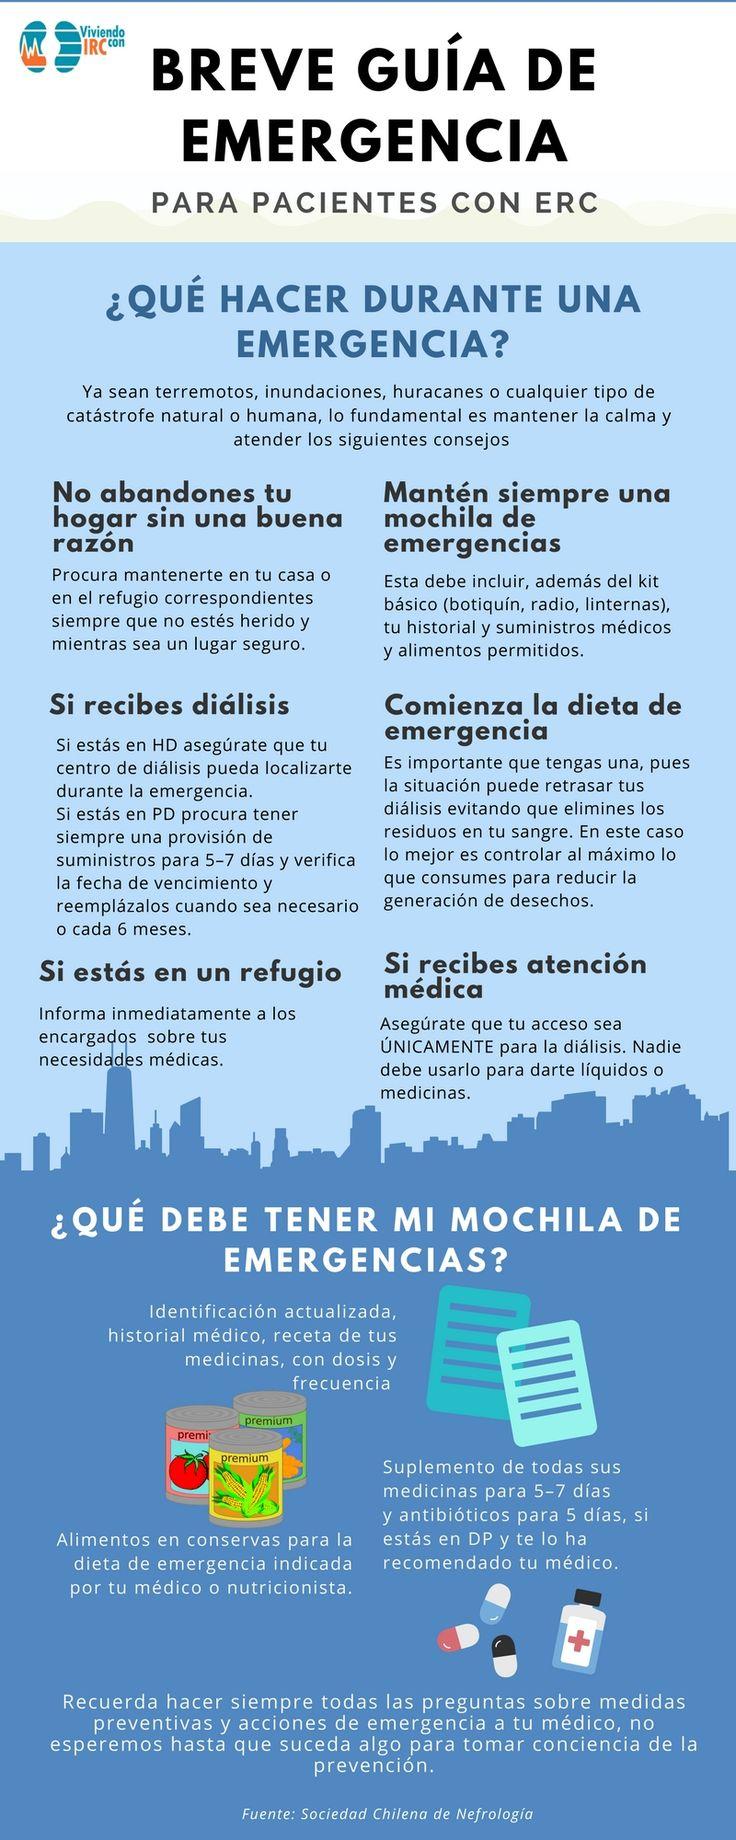 guía, emergencias, pacientes, salud renal, diálisis, terermotos, huracanes, inundaciones, enfermedad renal crónica